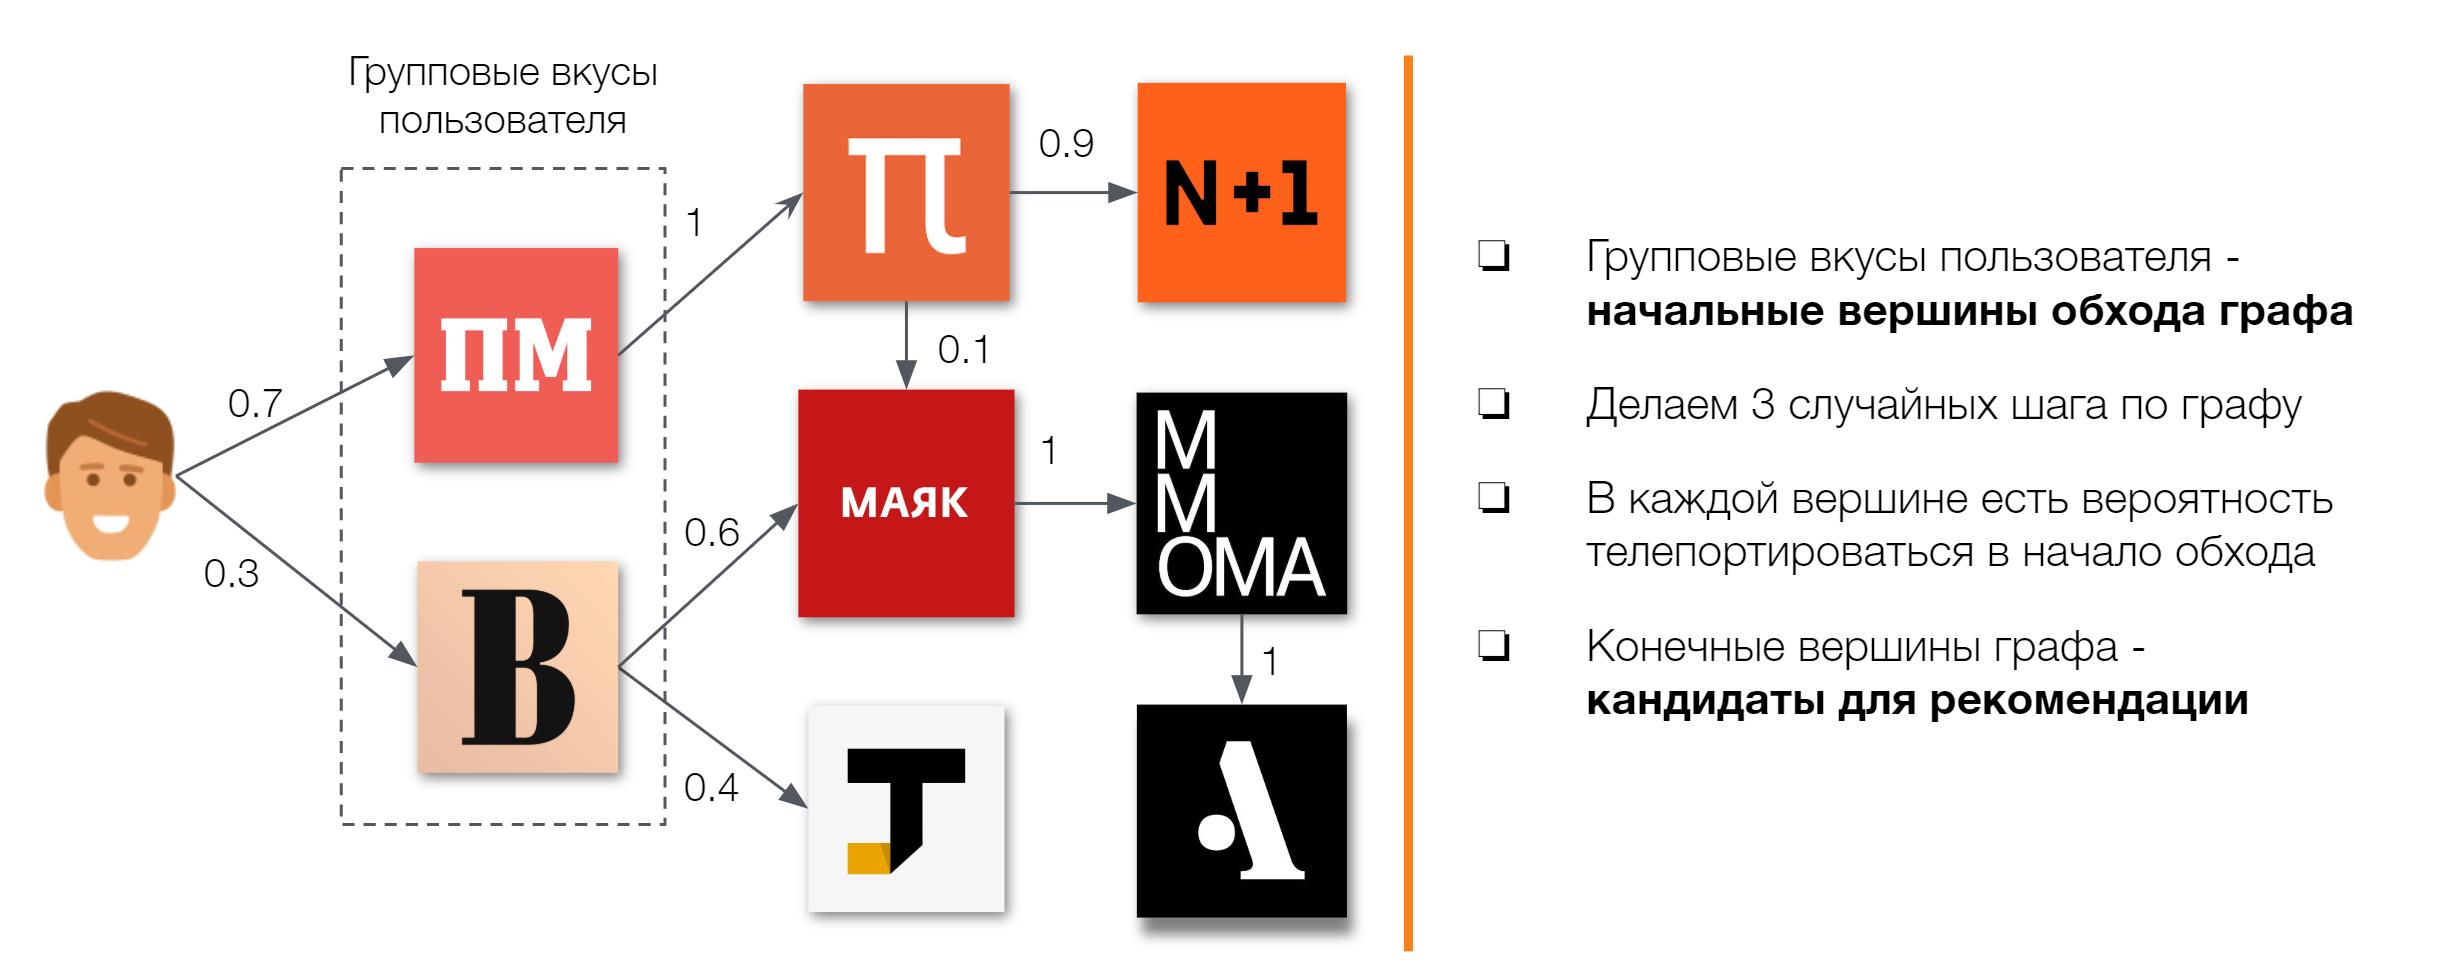 Графовые рекомендации групп в Одноклассниках - 3